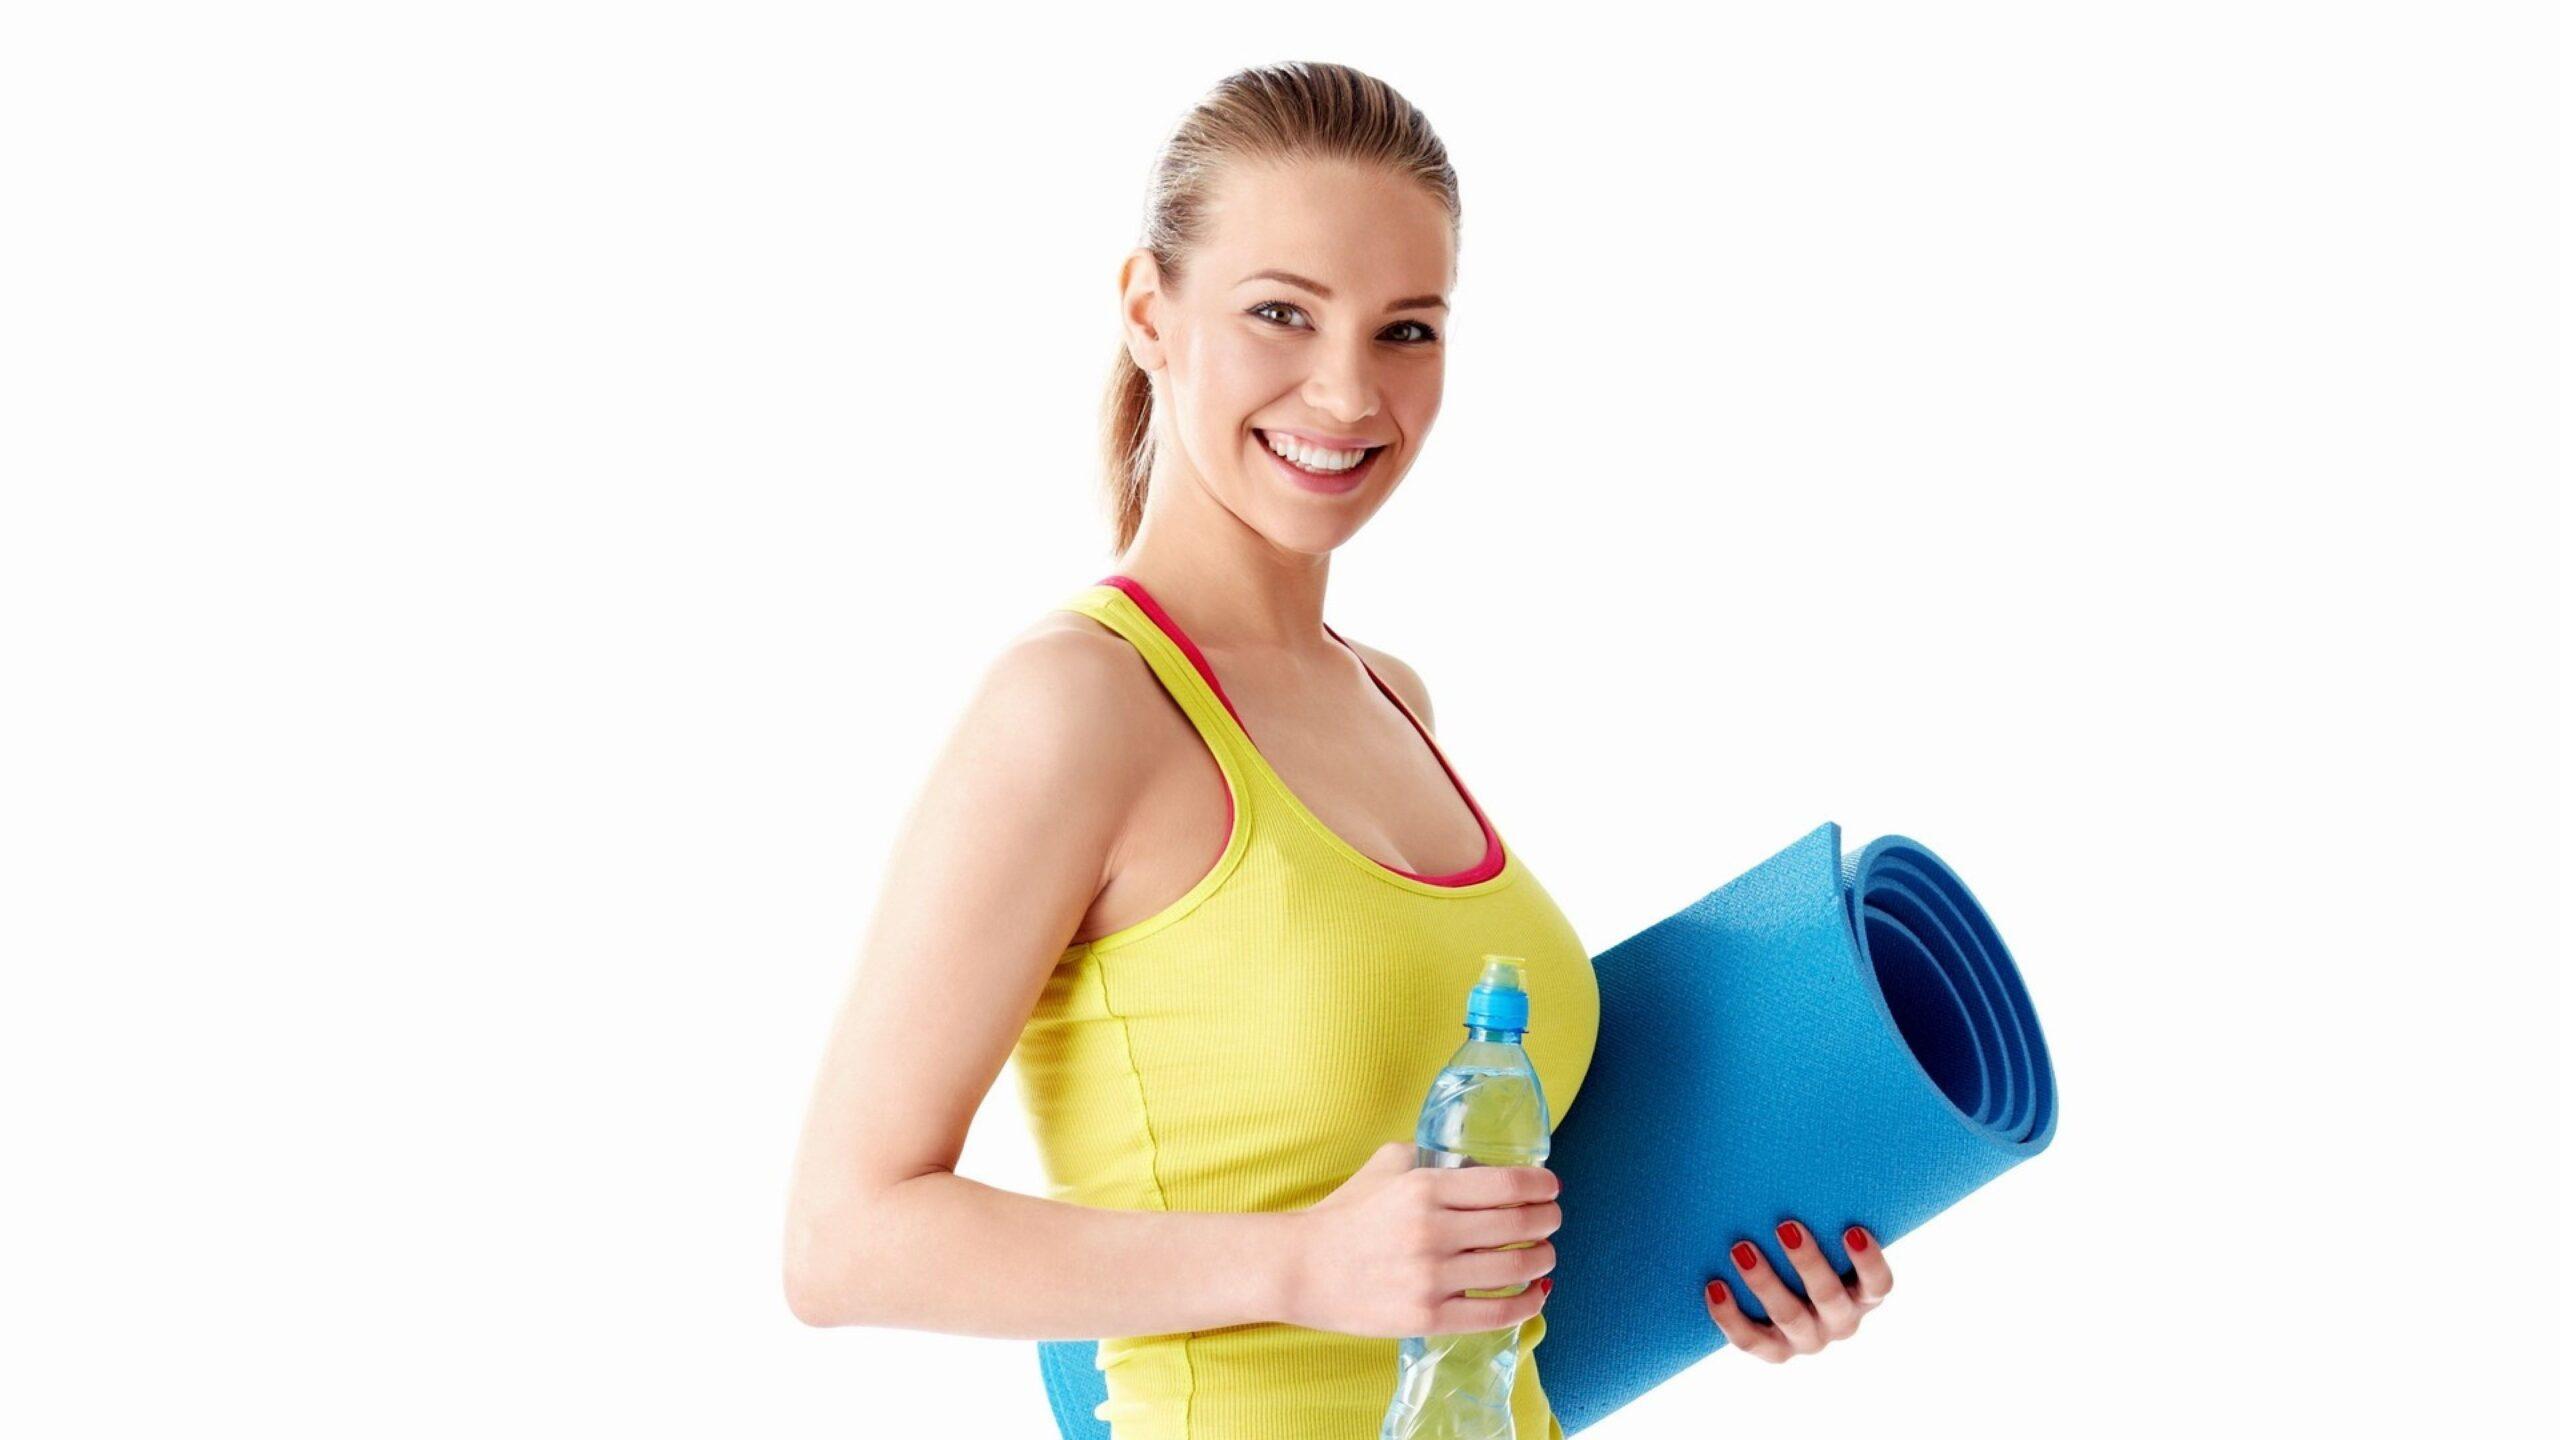 Attività fisica senza palestra: 4 esercizi da fare ovunque